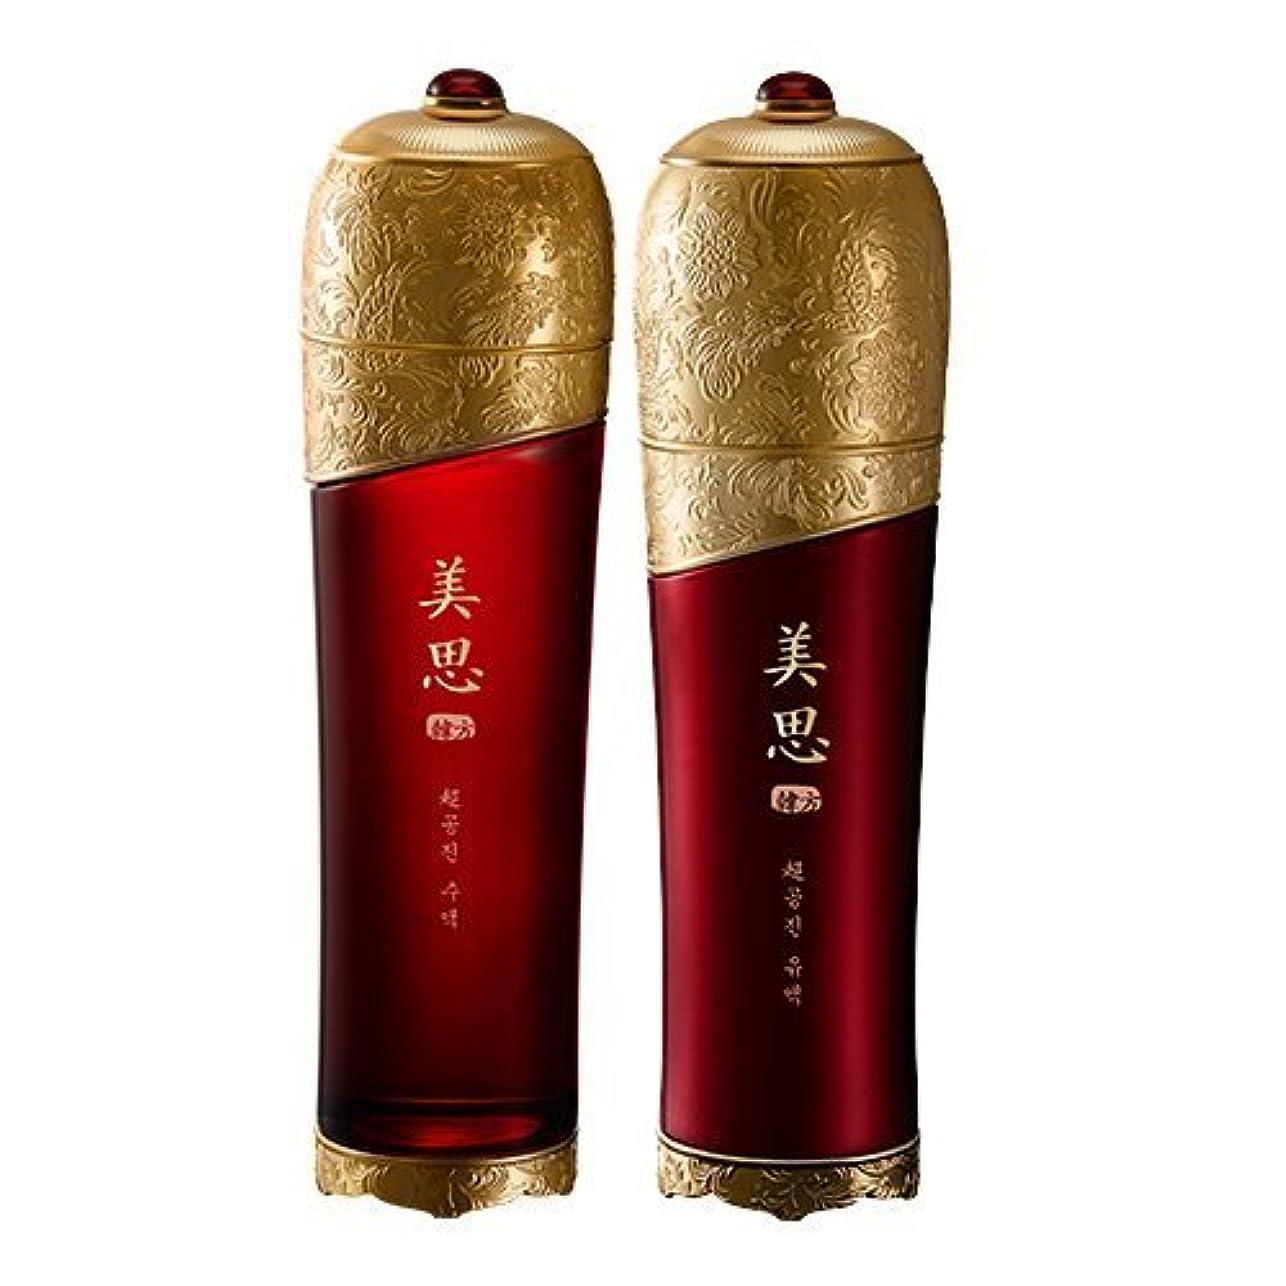 転倒変位一般的にMISSHA(ミシャ) 美思 韓方 チョゴンジン 基礎化粧品 スキンケア 化粧水+乳液=お得2種Set